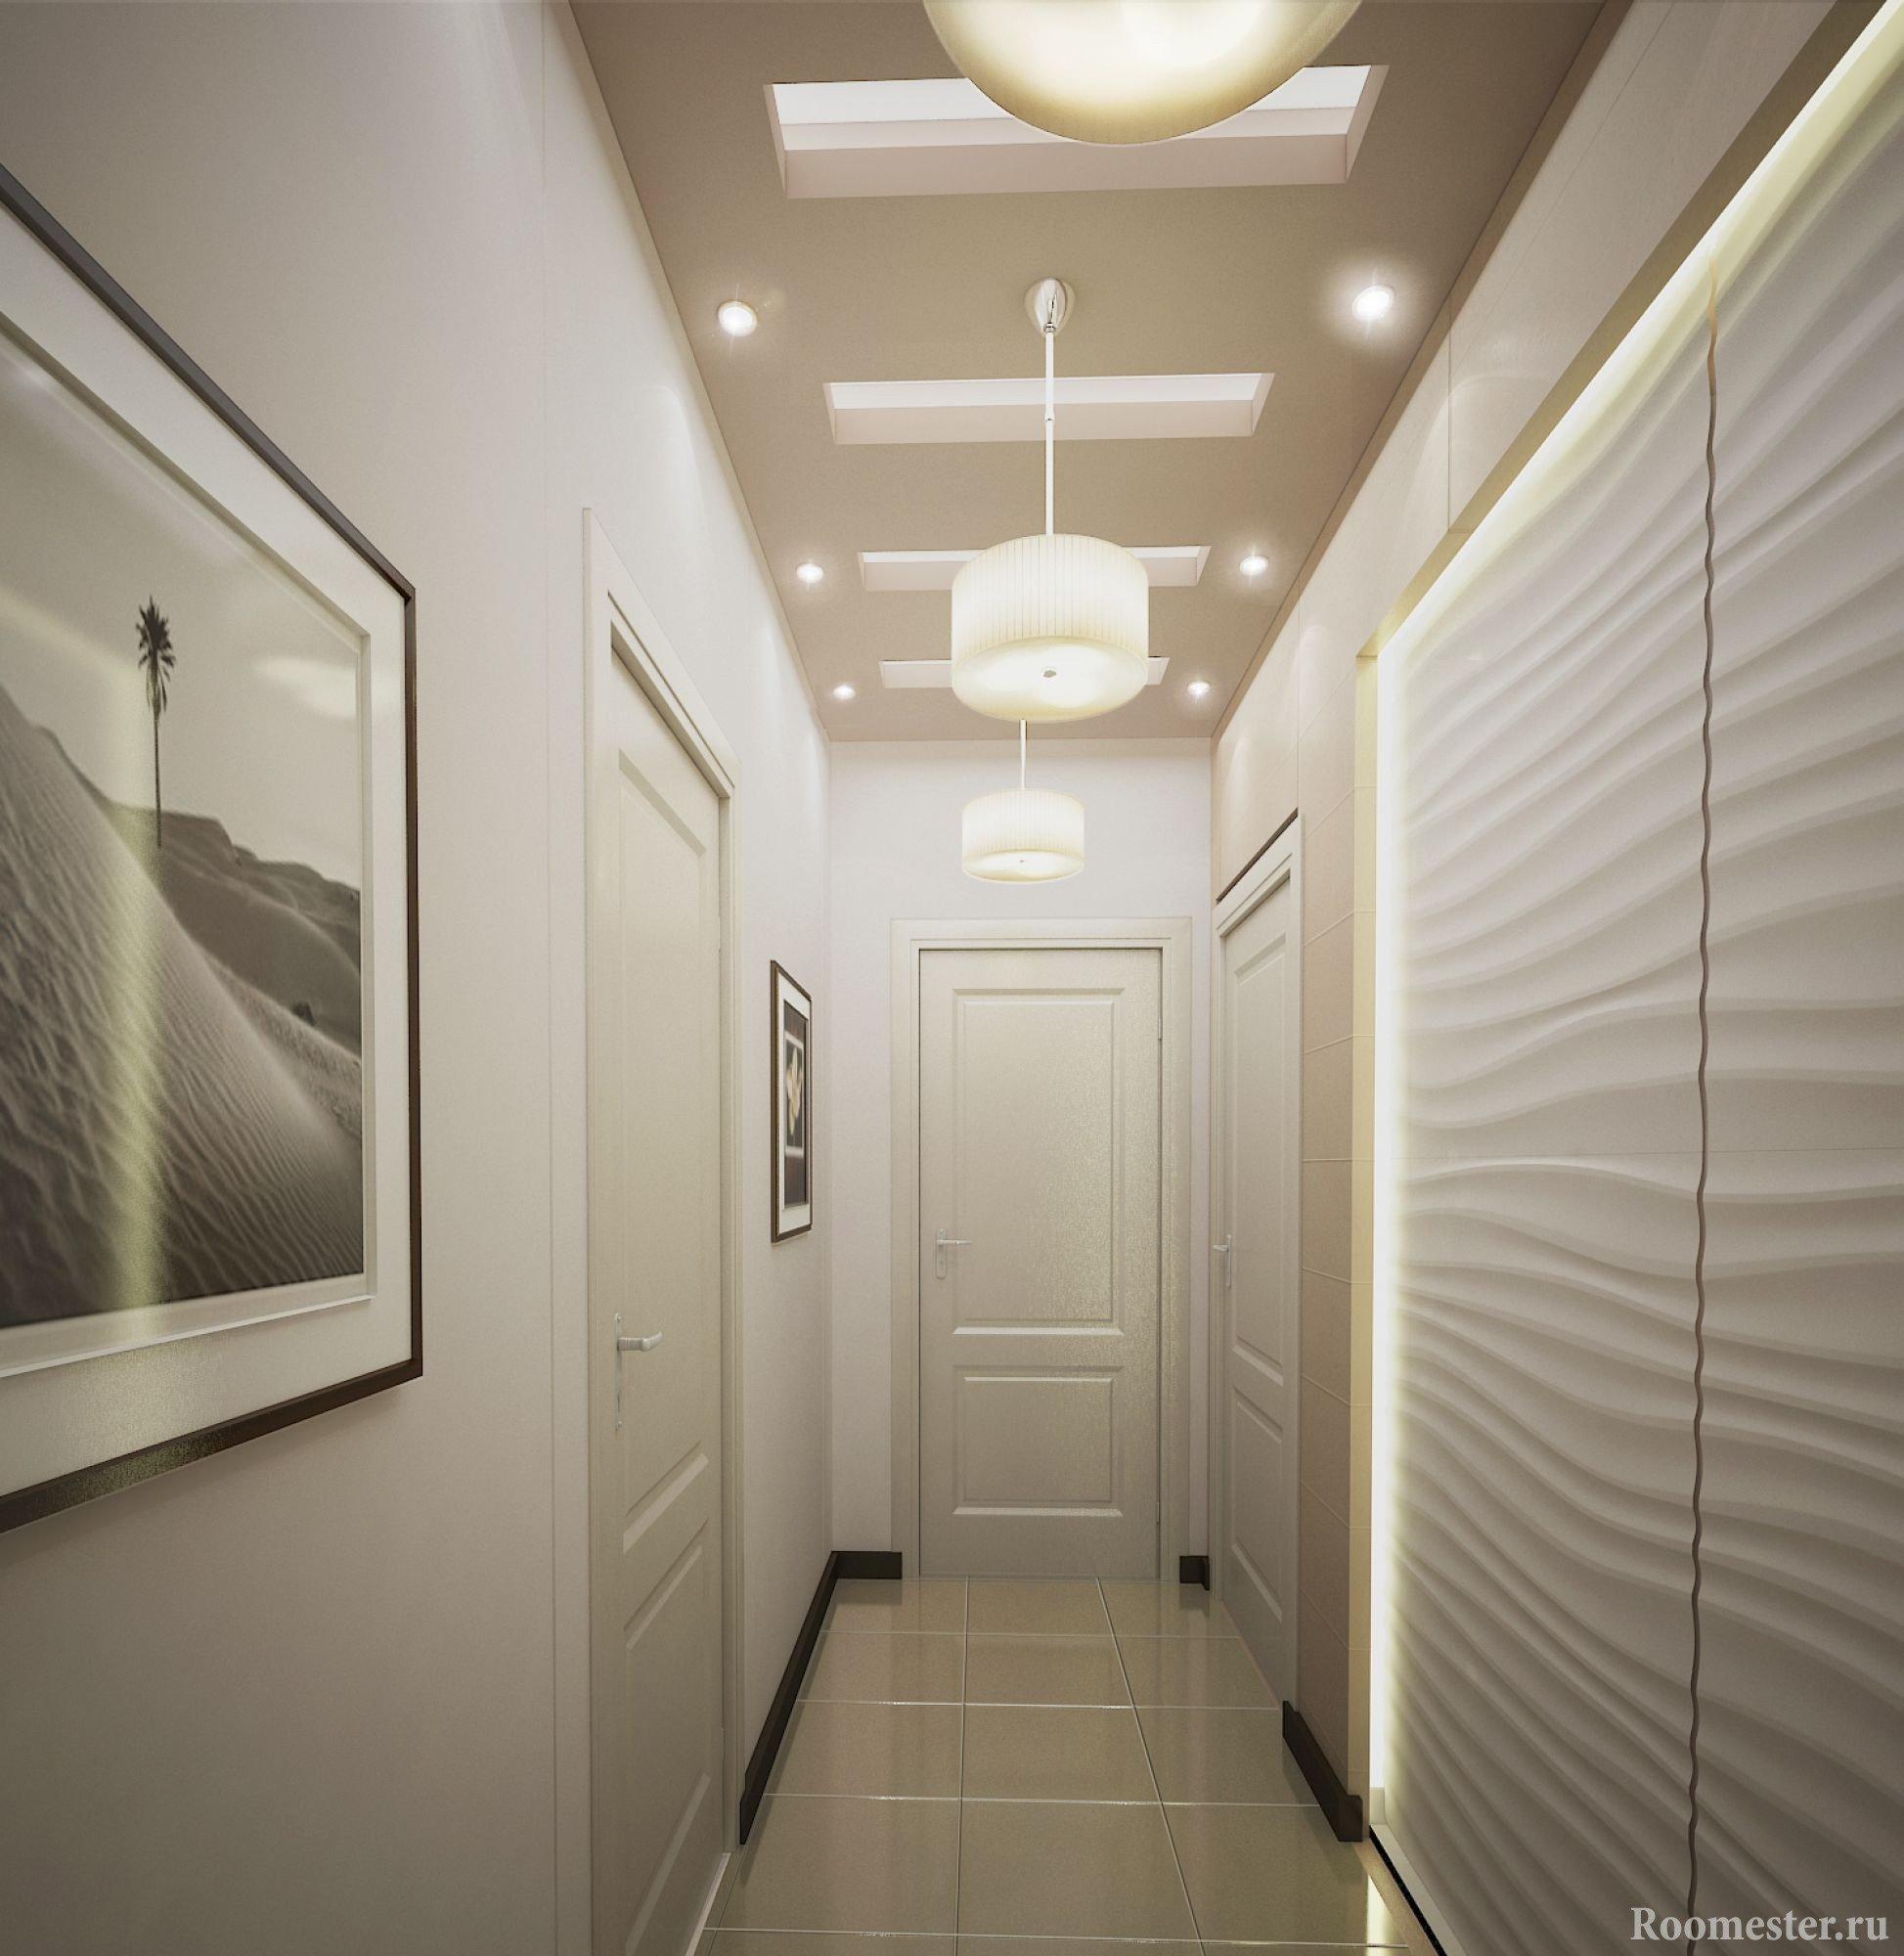 Дизайн-проект длинного и узкого коридора